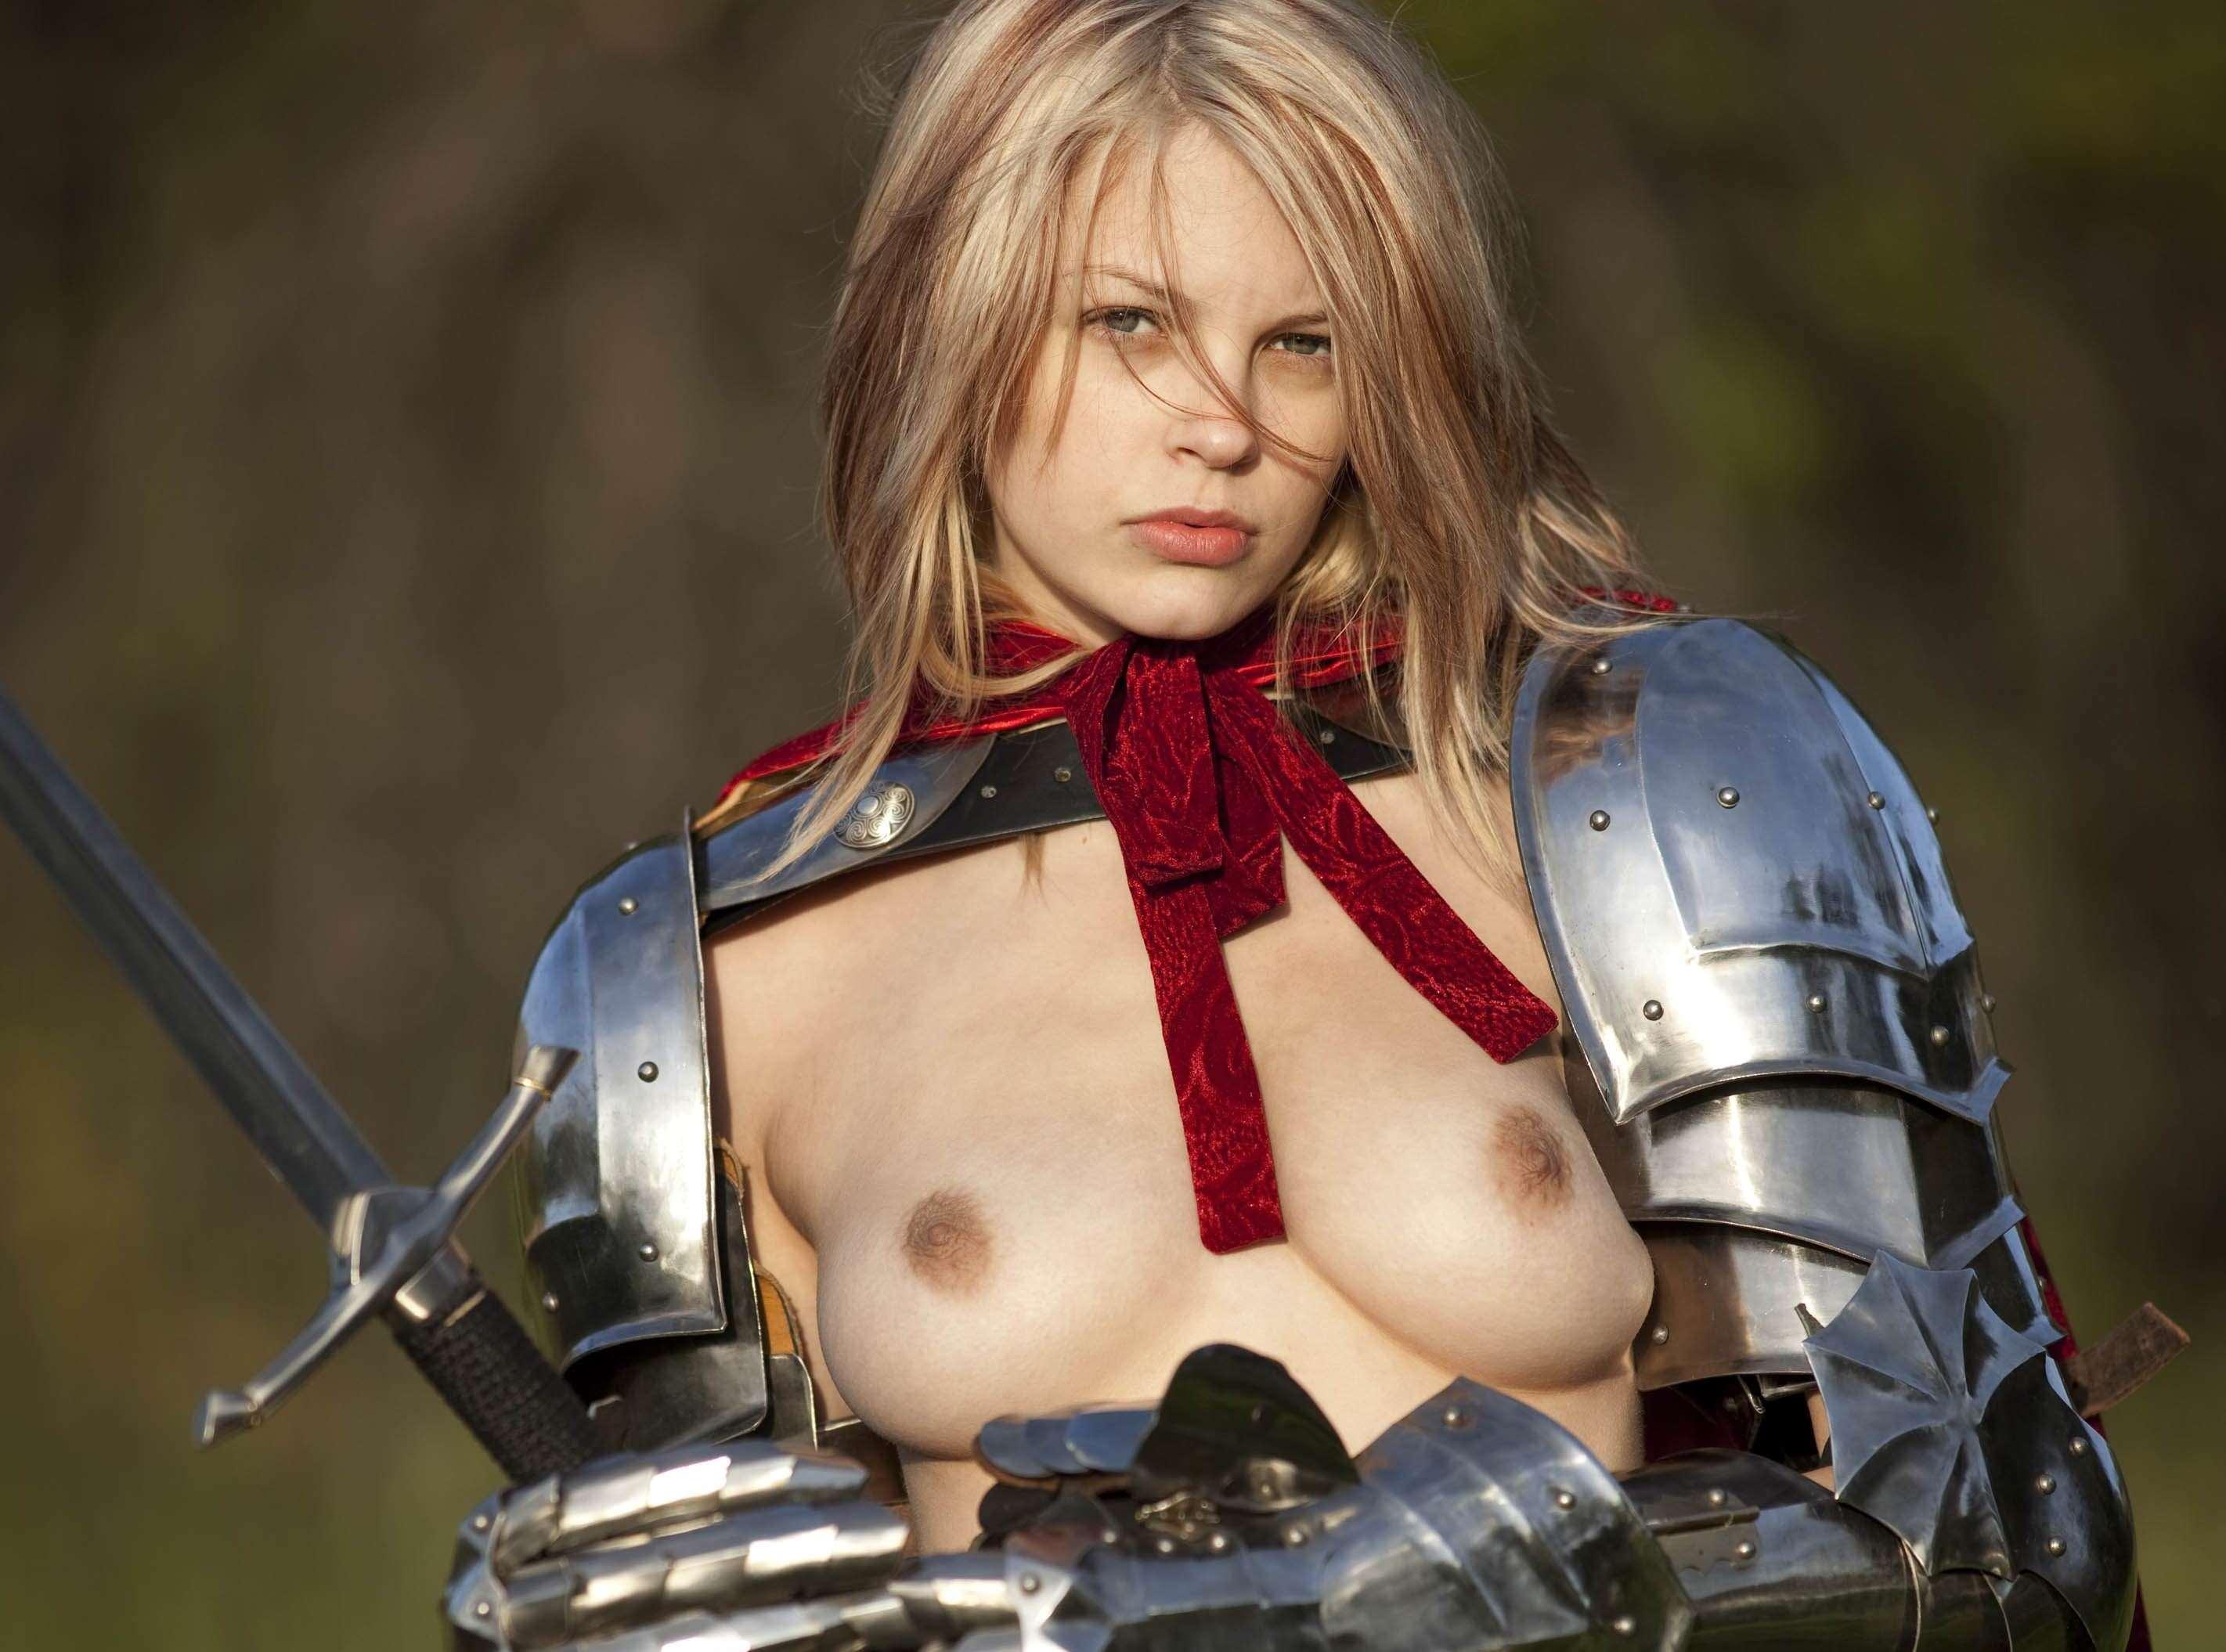 中世ヨーロッパ風の外国人美女ヌード